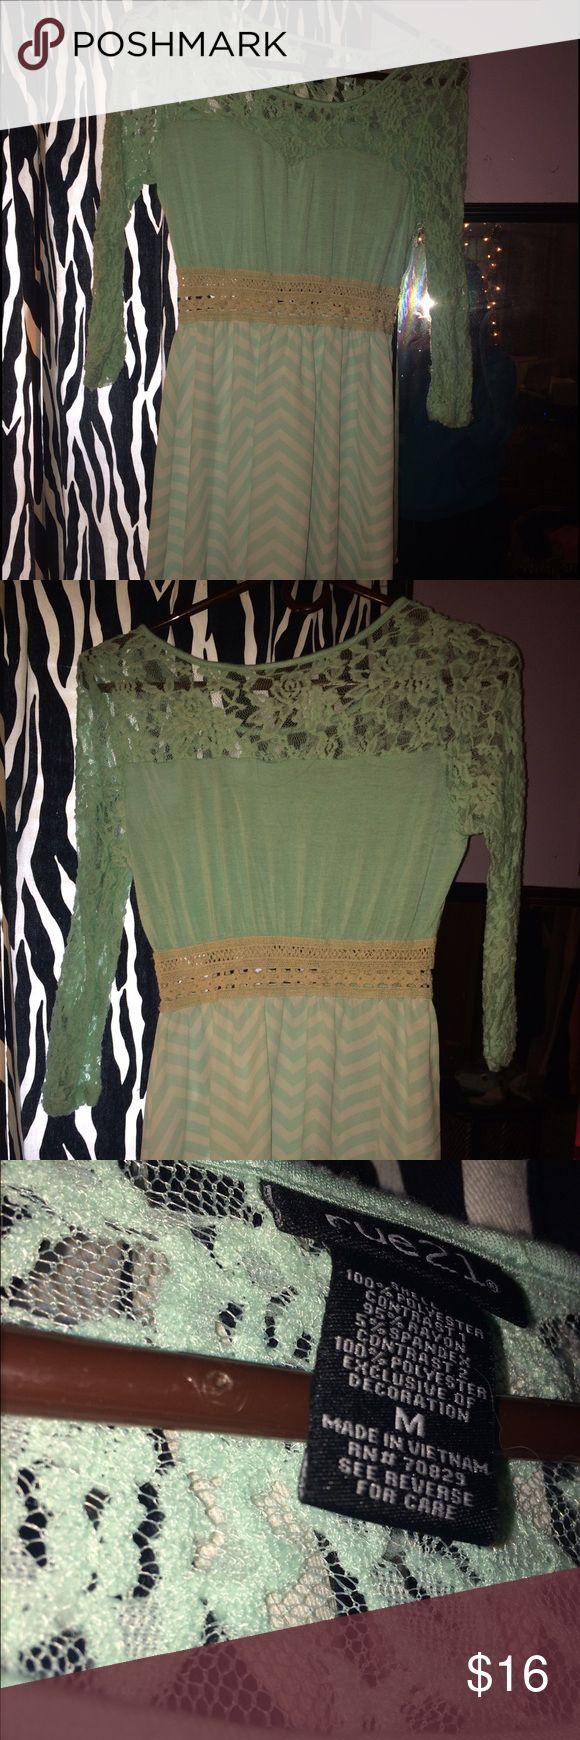 Mint green chevron dress from rue 21 Mint green chevron dress from rue 21 size medium but fits more like a Xs worn once Rue 21 Dresses Midi